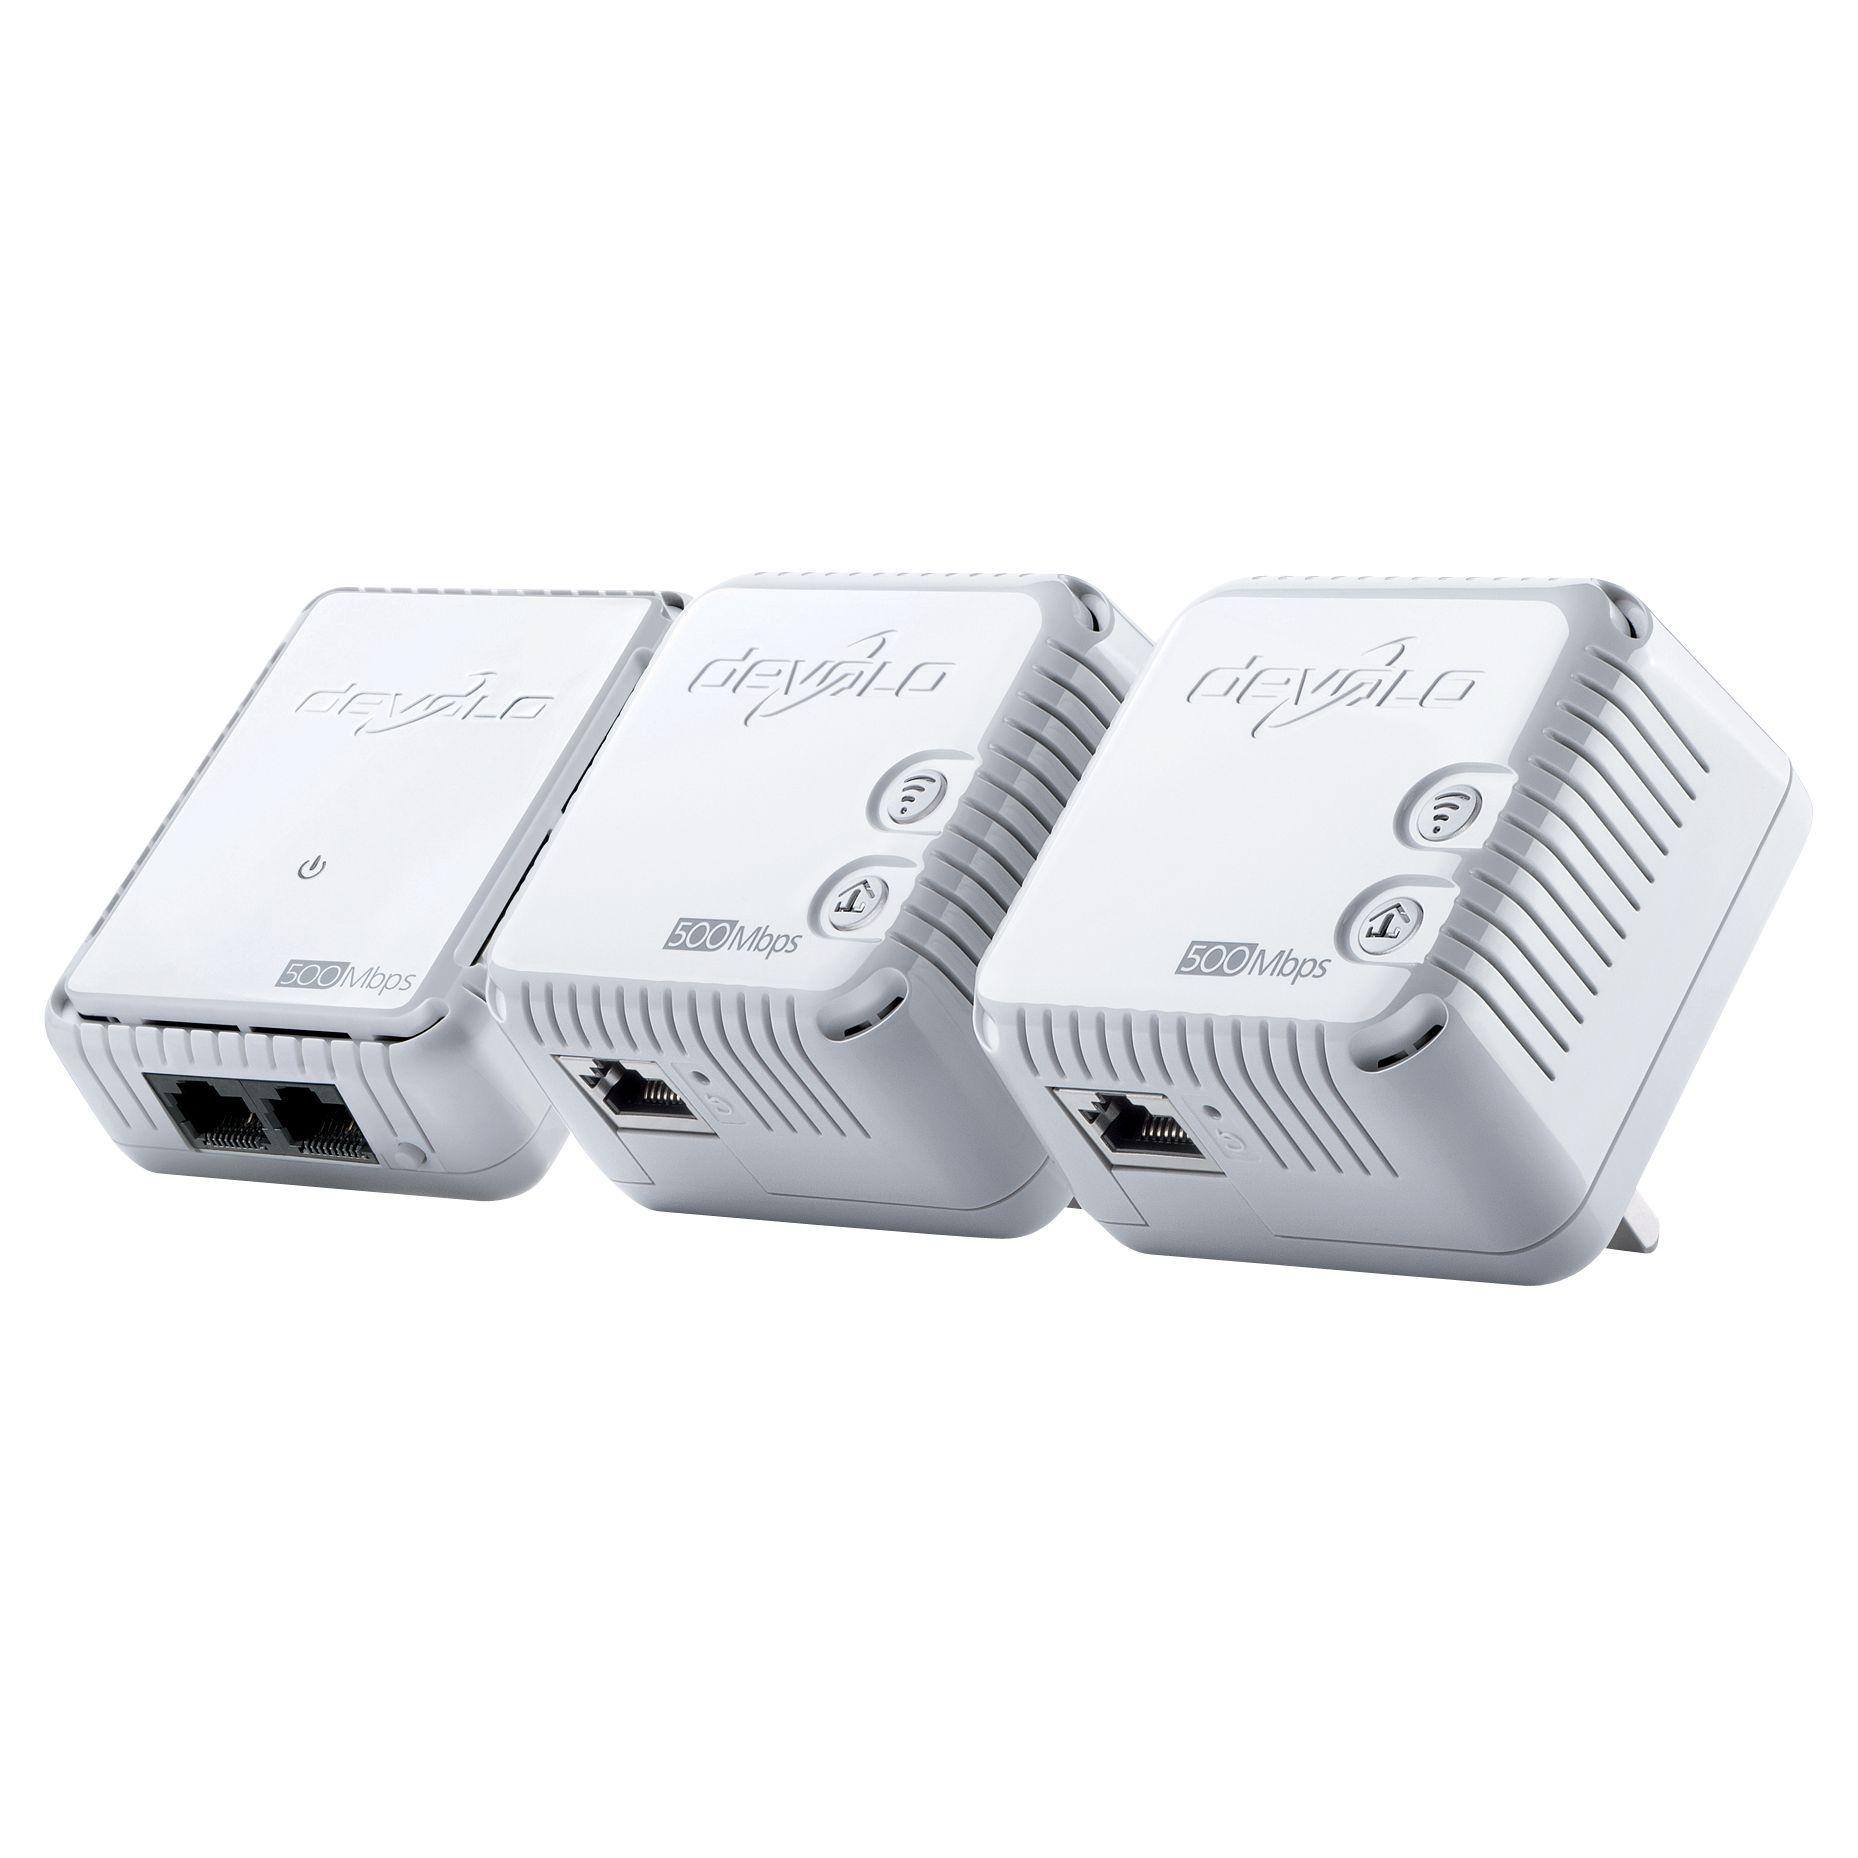 Devolo Devolo dLAN 500 Wi-Fi Powerline Network Kit, Triple Pack